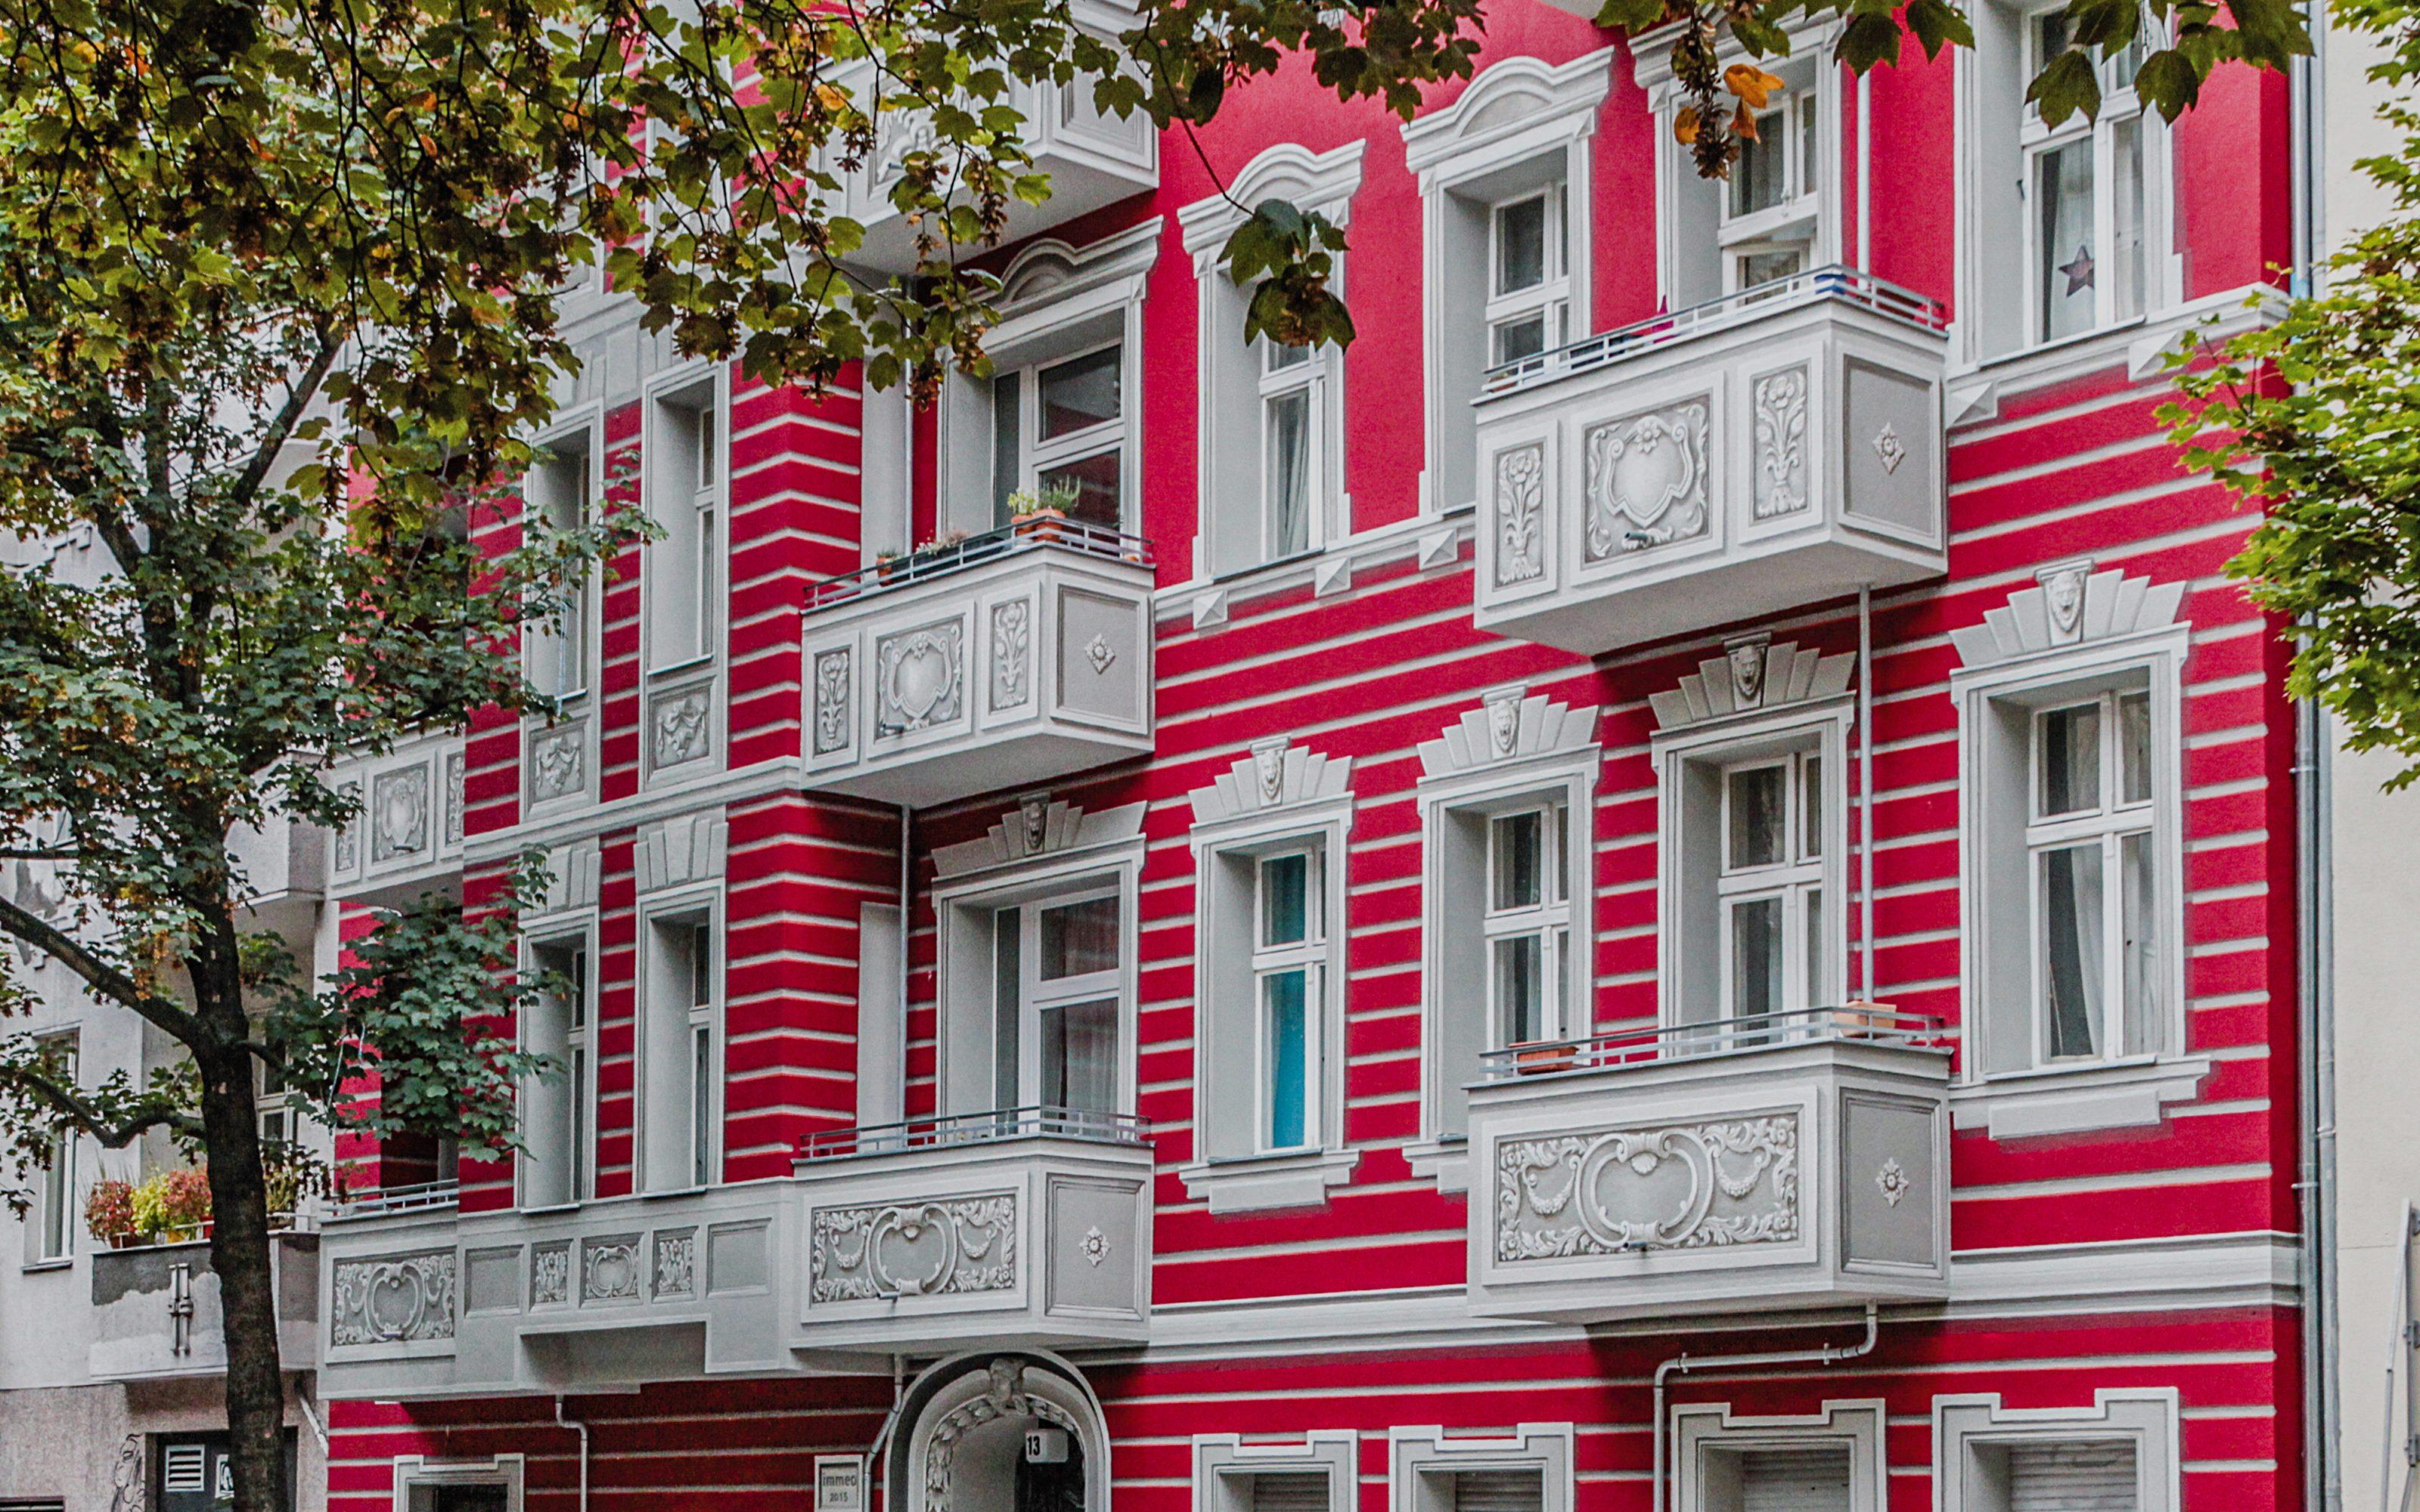 GRACO-Neukoelln-Tellstrasse-Fassadenmalerei-Projekt